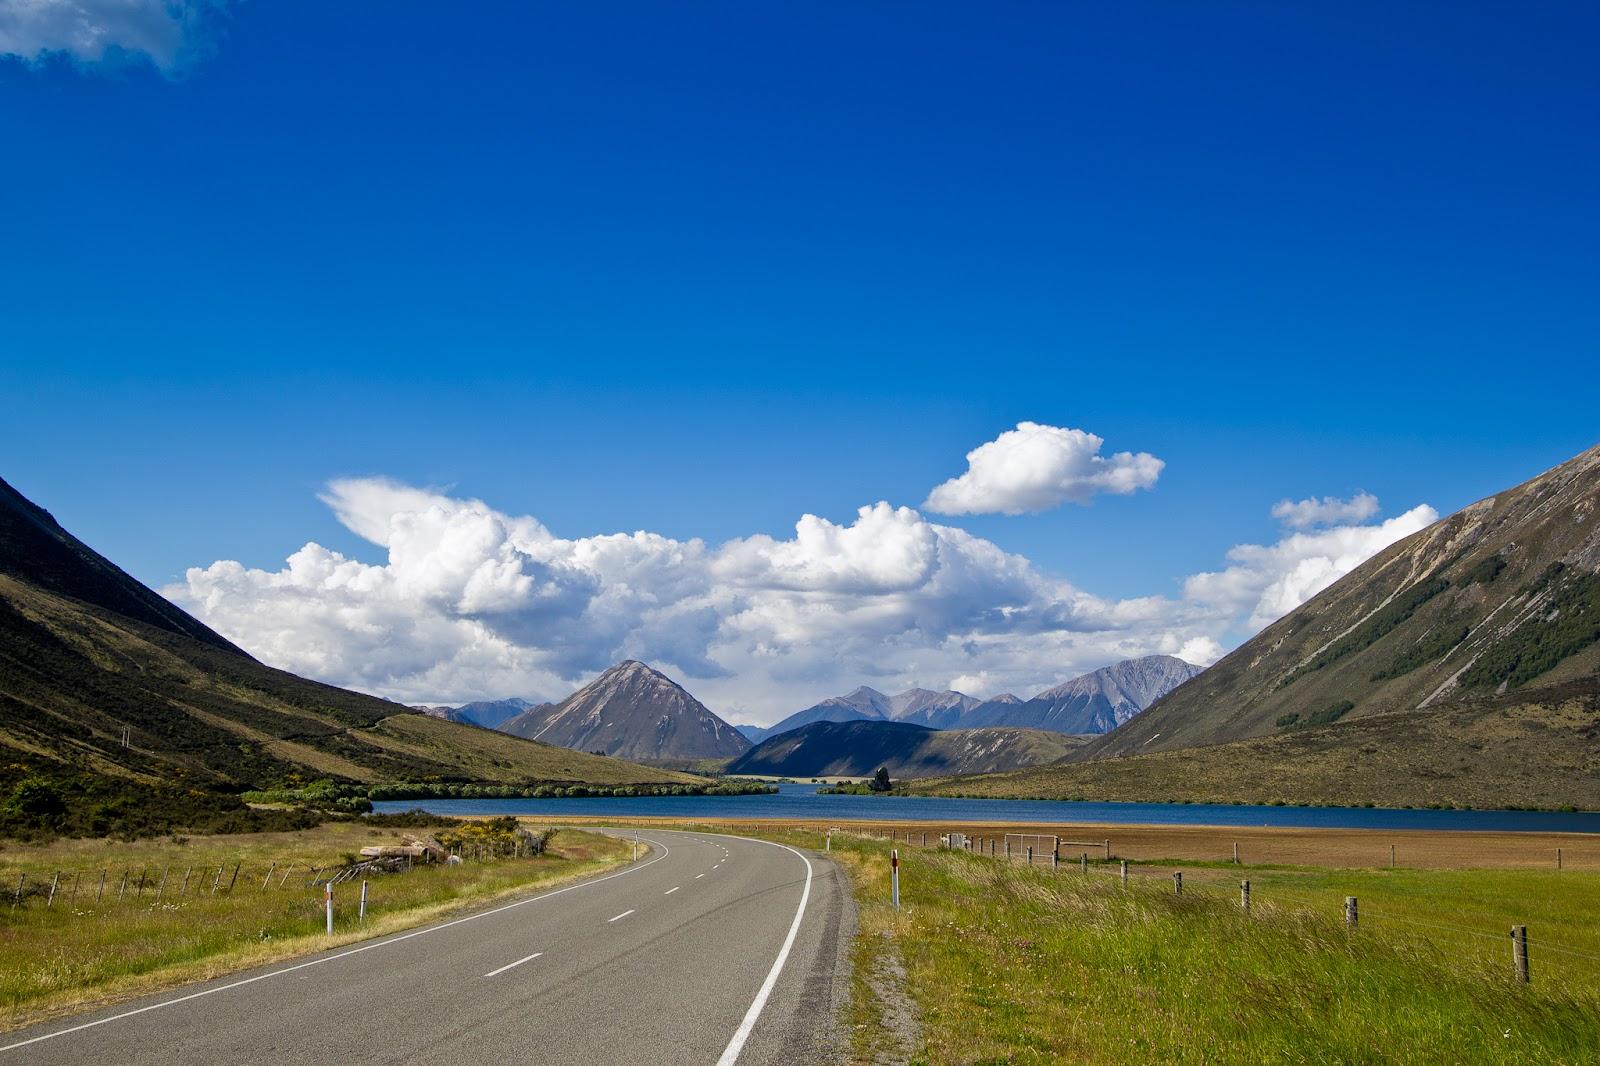 遊記|紐西蘭,一個人的旅行 - 心得